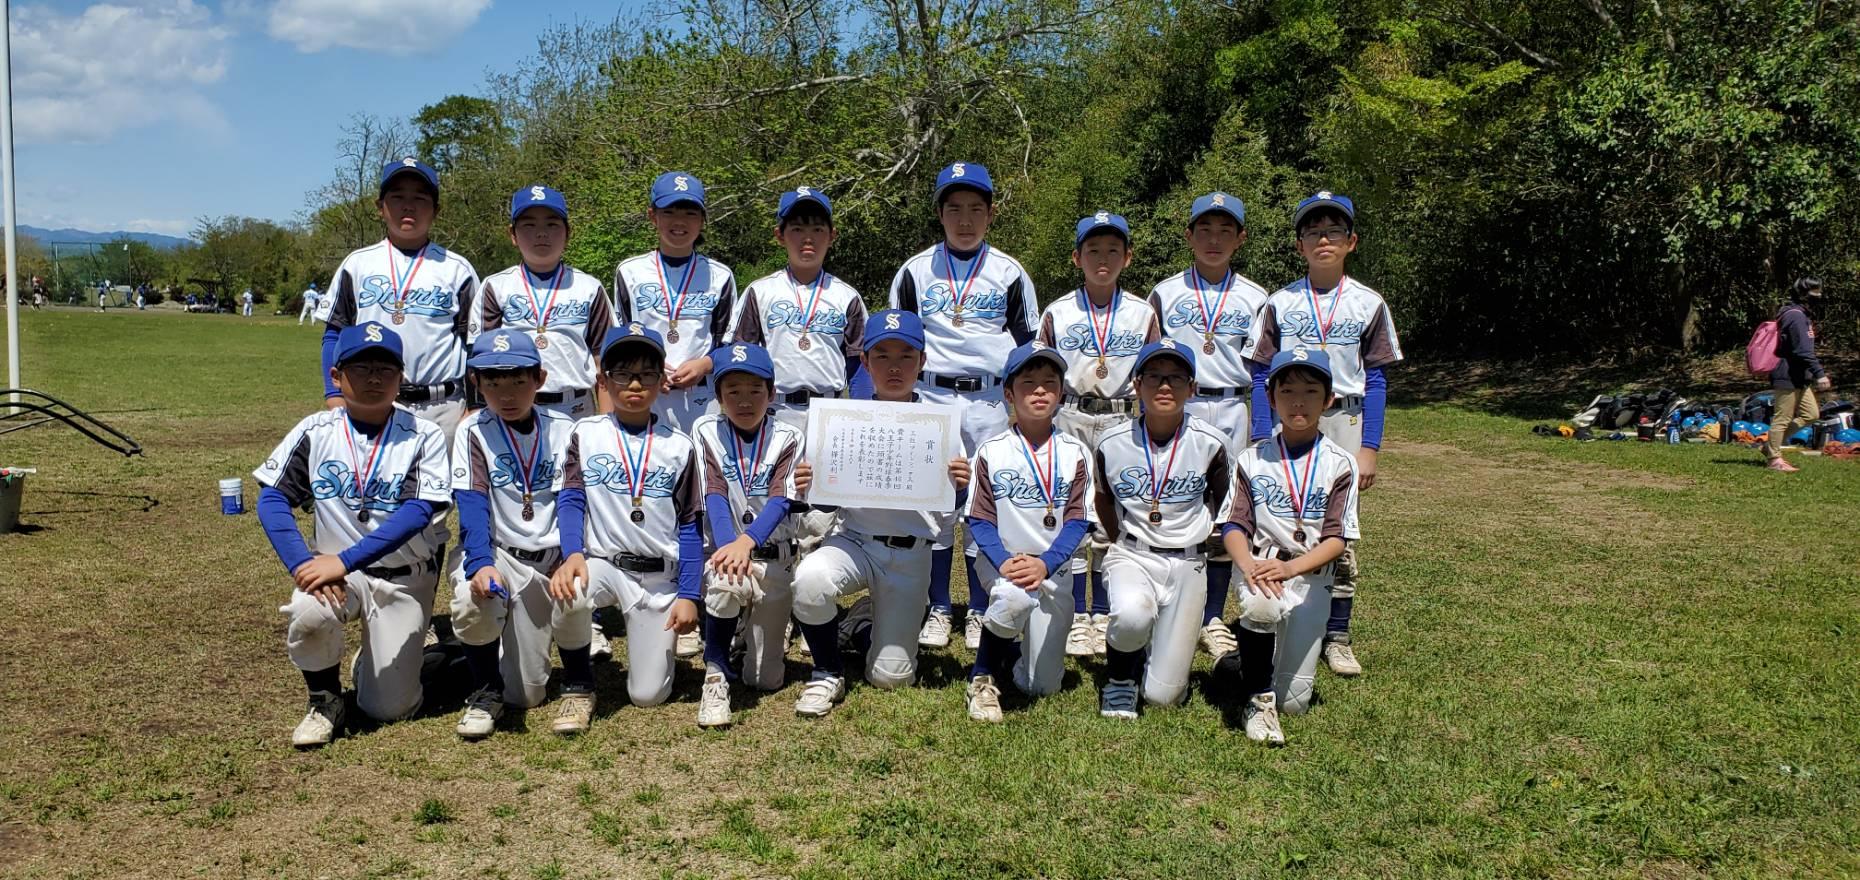 第46回少年軟式野球・春季大会 第三位 つくしシャークス 令和3年4月18日